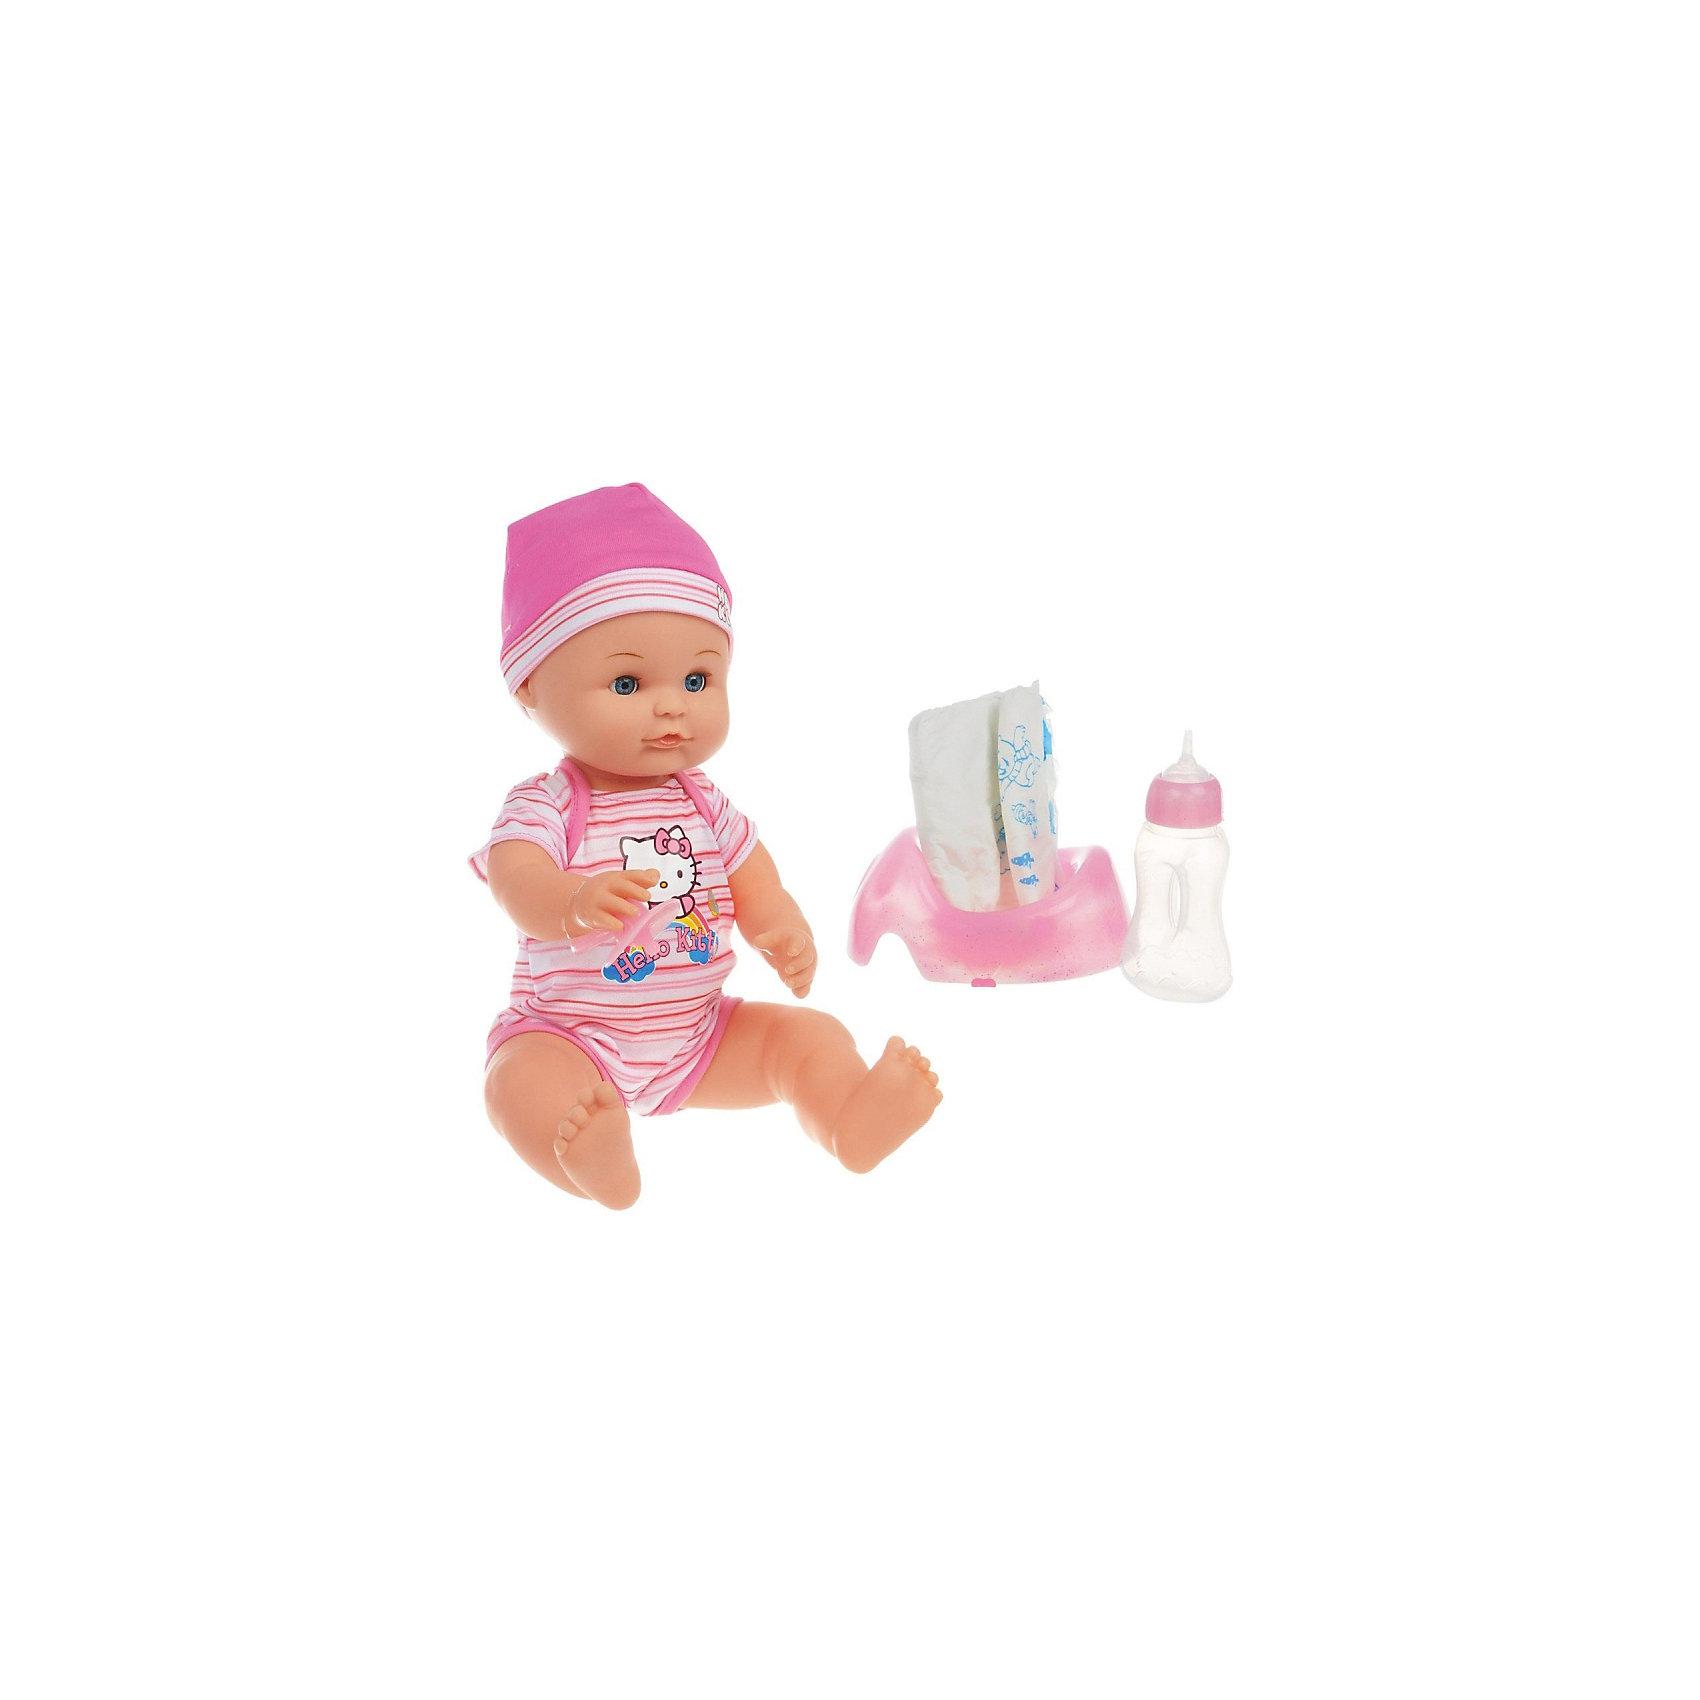 Пупс Hello Kitty, 3 функции, с аксессуарами, КарапузИгрушки<br>Пупс Hello Kitty, 3 функции, Карапуз, станет замечательным подарком для Вашей девочки. Интерактивная куколка обладает различными игровыми возможностями, выглядит и ведет себя как настоящий живой малыш. Игра в дочки-матери с этим забавным пупсом станет еще интереснее и реалистичнее, игрушка учит девочку заботиться и ухаживать о тех, кто младше. Милый малыш пьет из бутылочки и писает в горшочек (входит в комплект). Кукла-мальчик одета в симпатичный голубой комбинезон, украшенный изображением кошечки Китти и голубую шапочку. В комплект также входят бутылочка, горшок, и соска-пустышка.<br><br>Дополнительная информация:<br><br>- В комплекте: кукла-пупс, бутылочка, игрушечный горшок, соска.<br>- Материал: пластик.<br>- Высота куклы: 40 см.<br>- Размер упаковки: 25 x 39 x 16 см.<br>- Вес: 1,23 кг.<br><br>Пупса Hello Kitty, 3 функции, с аксессуарами, Карапуз, можно купить в нашем интернет-магазине.<br><br>Ширина мм: 250<br>Глубина мм: 390<br>Высота мм: 160<br>Вес г: 1230<br>Возраст от месяцев: 36<br>Возраст до месяцев: 84<br>Пол: Женский<br>Возраст: Детский<br>SKU: 4546565